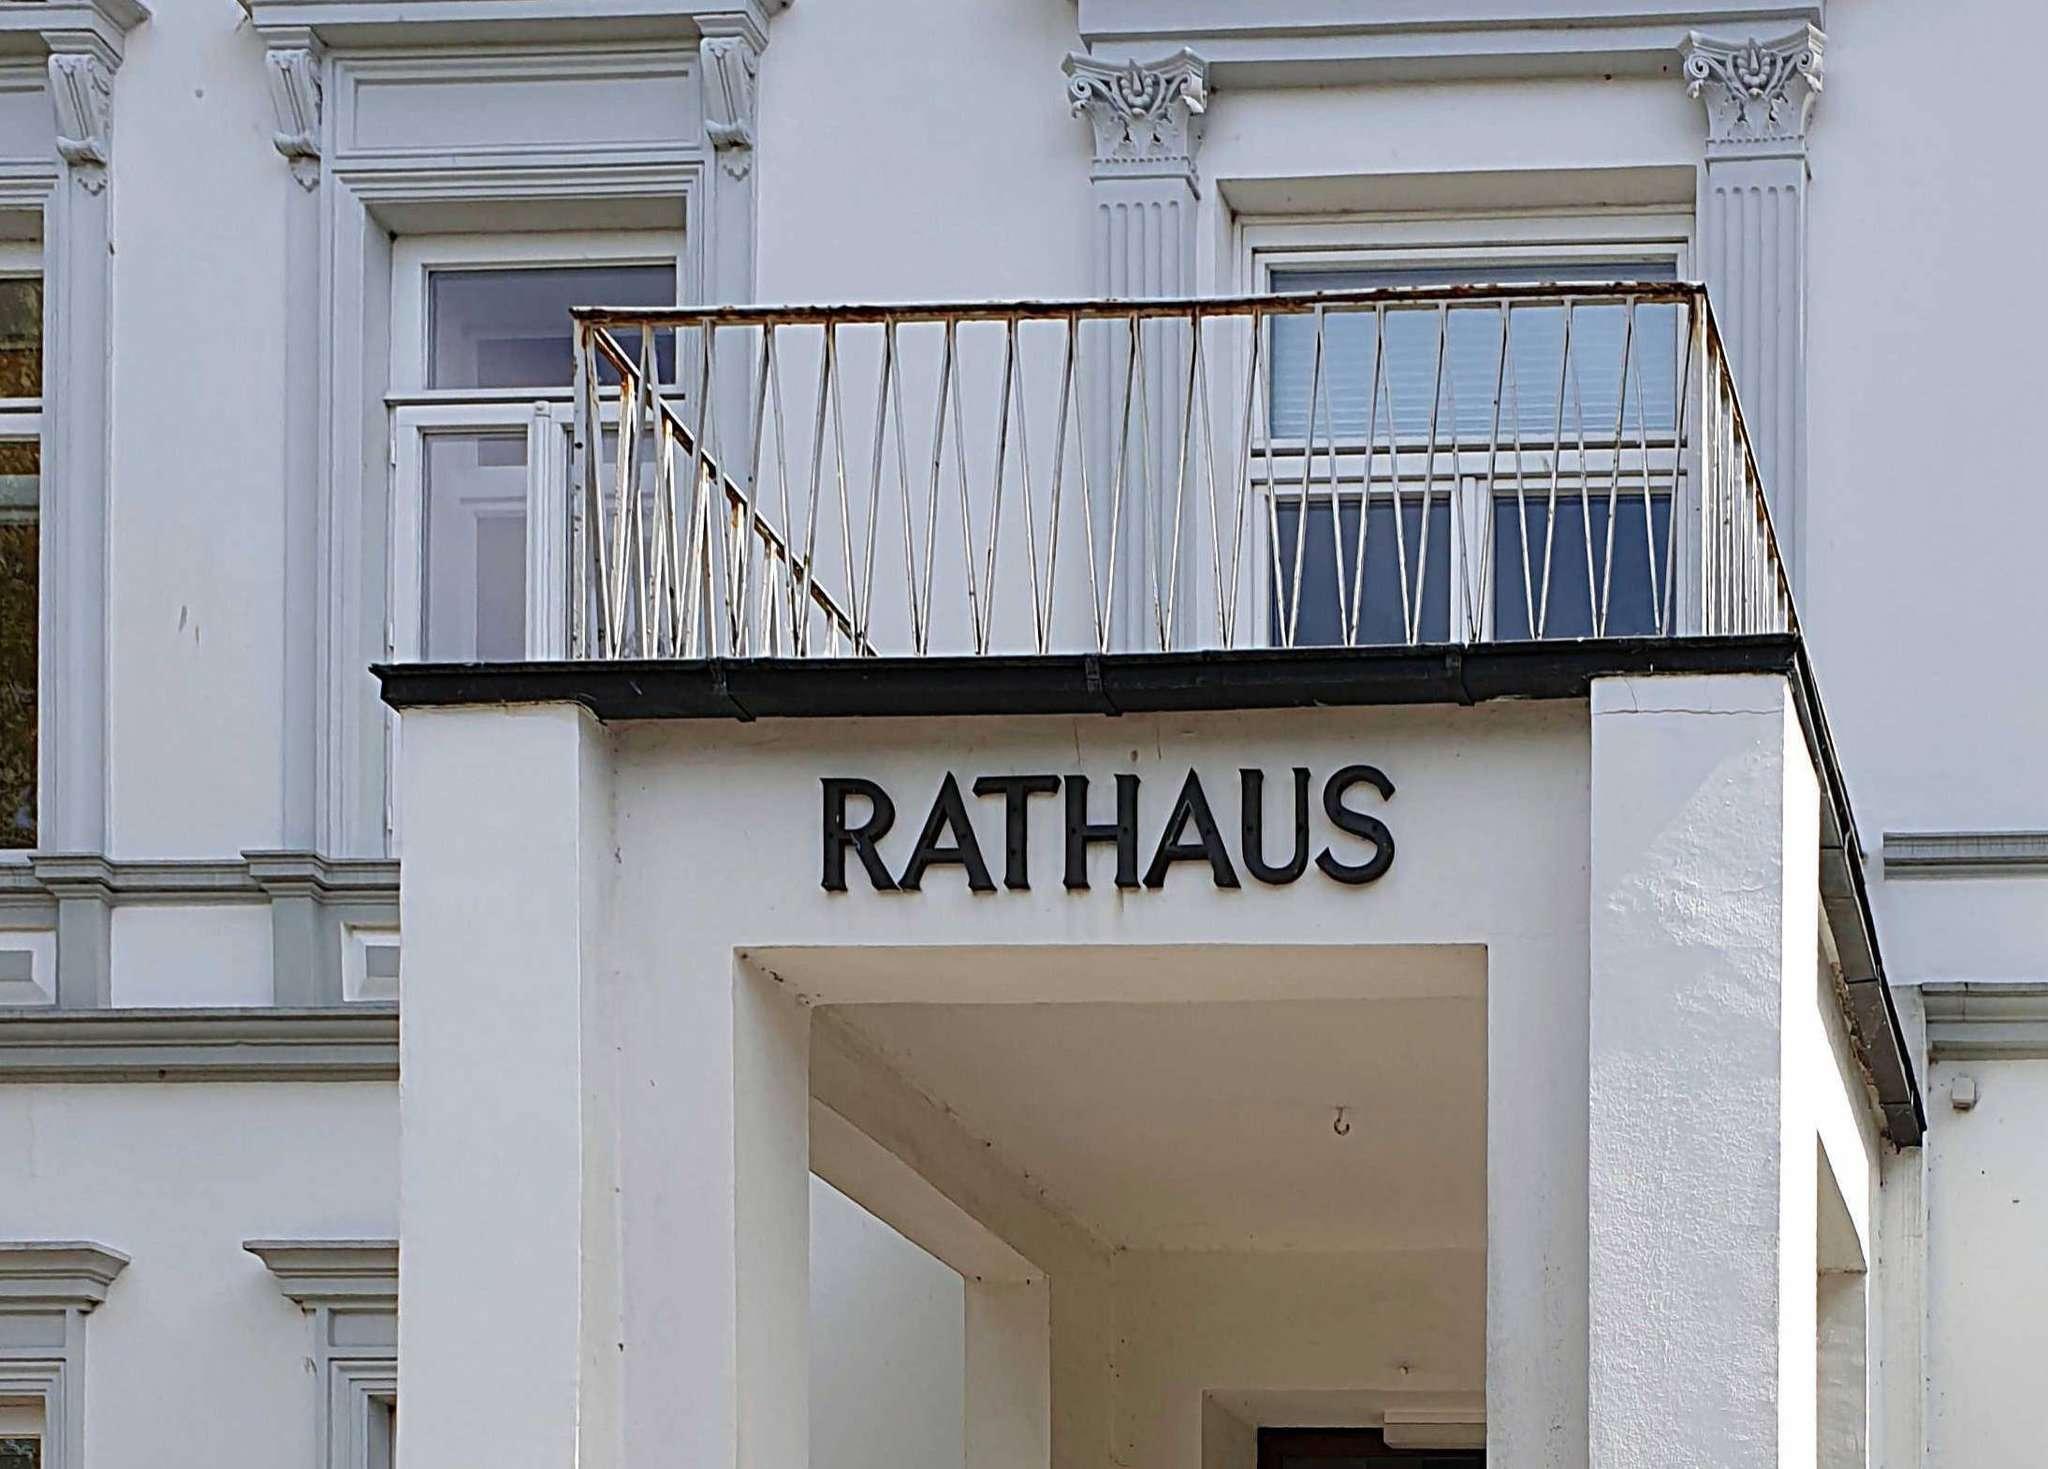 Im Ottersberger Rathaus gibt es personelle Veränderungen u2013 nicht nur auf dem Bürgermeisterstuhl. Foto: Tobias Woelki